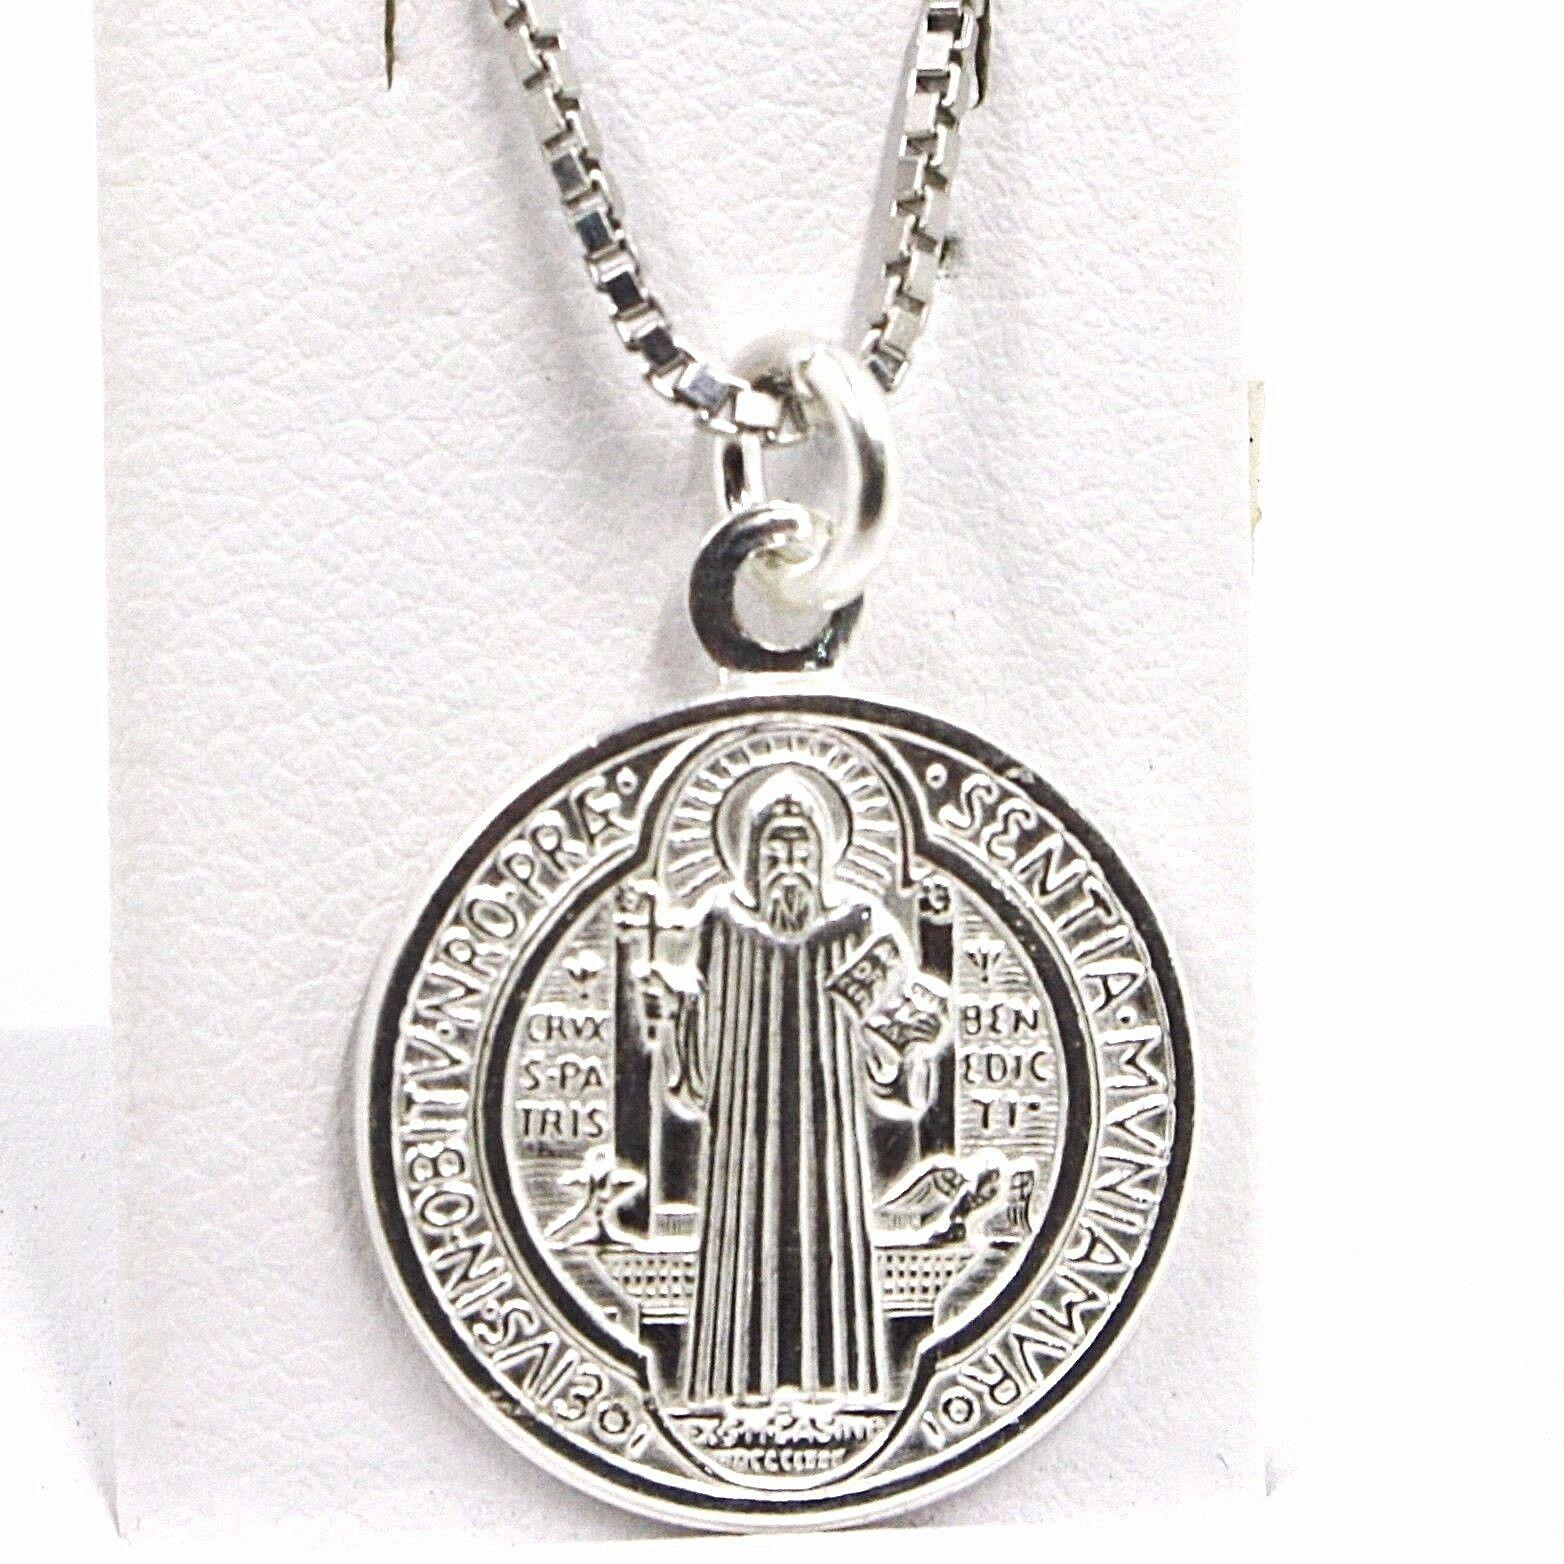 Cadena Veneciano 50 cm, Medalla St. Benedicto, Cruz, Plata 925 , Collar